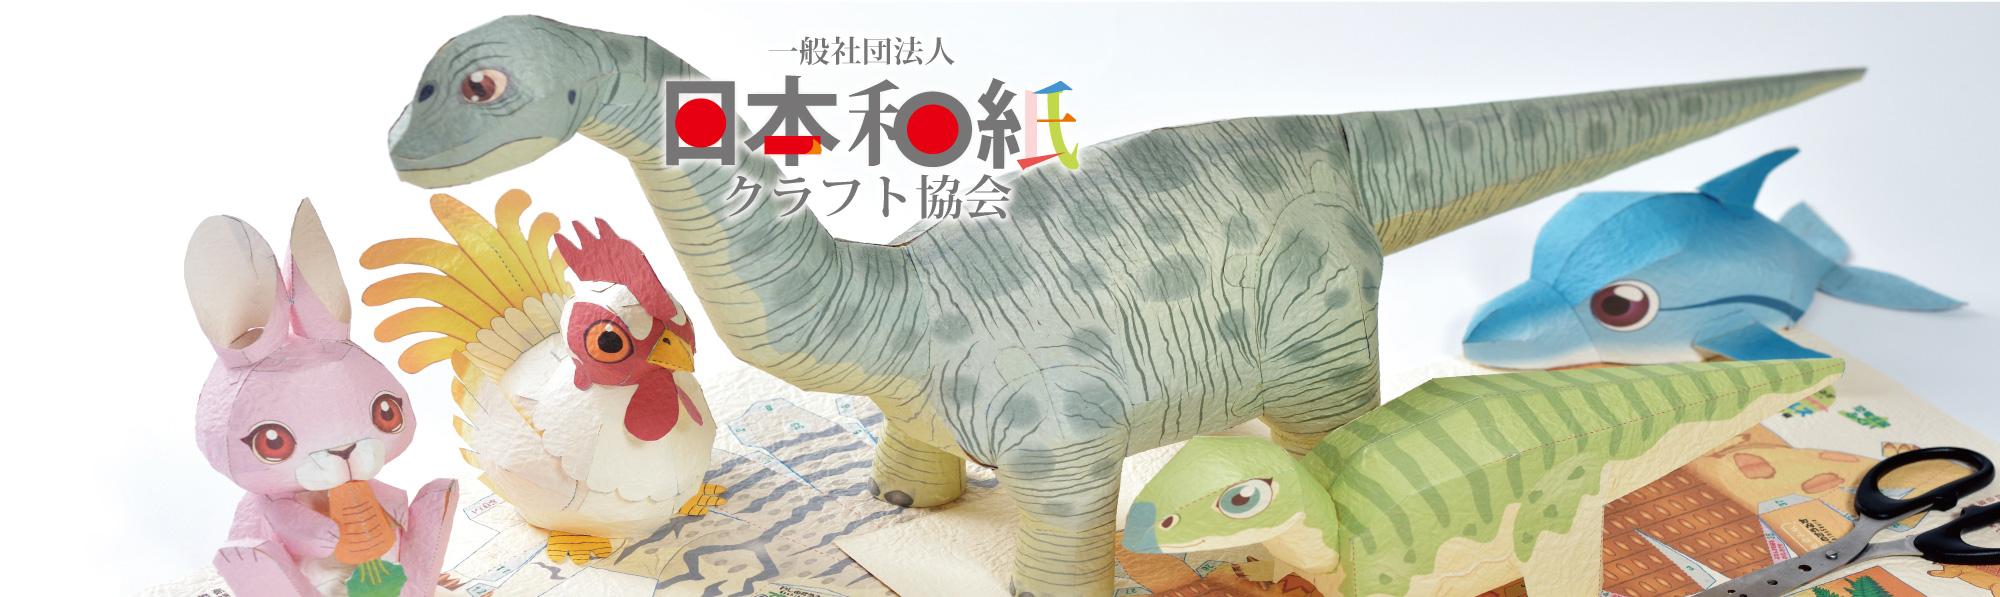 日本和紙クラフト協会では和紙の花など和紙でのアート表現を推進します